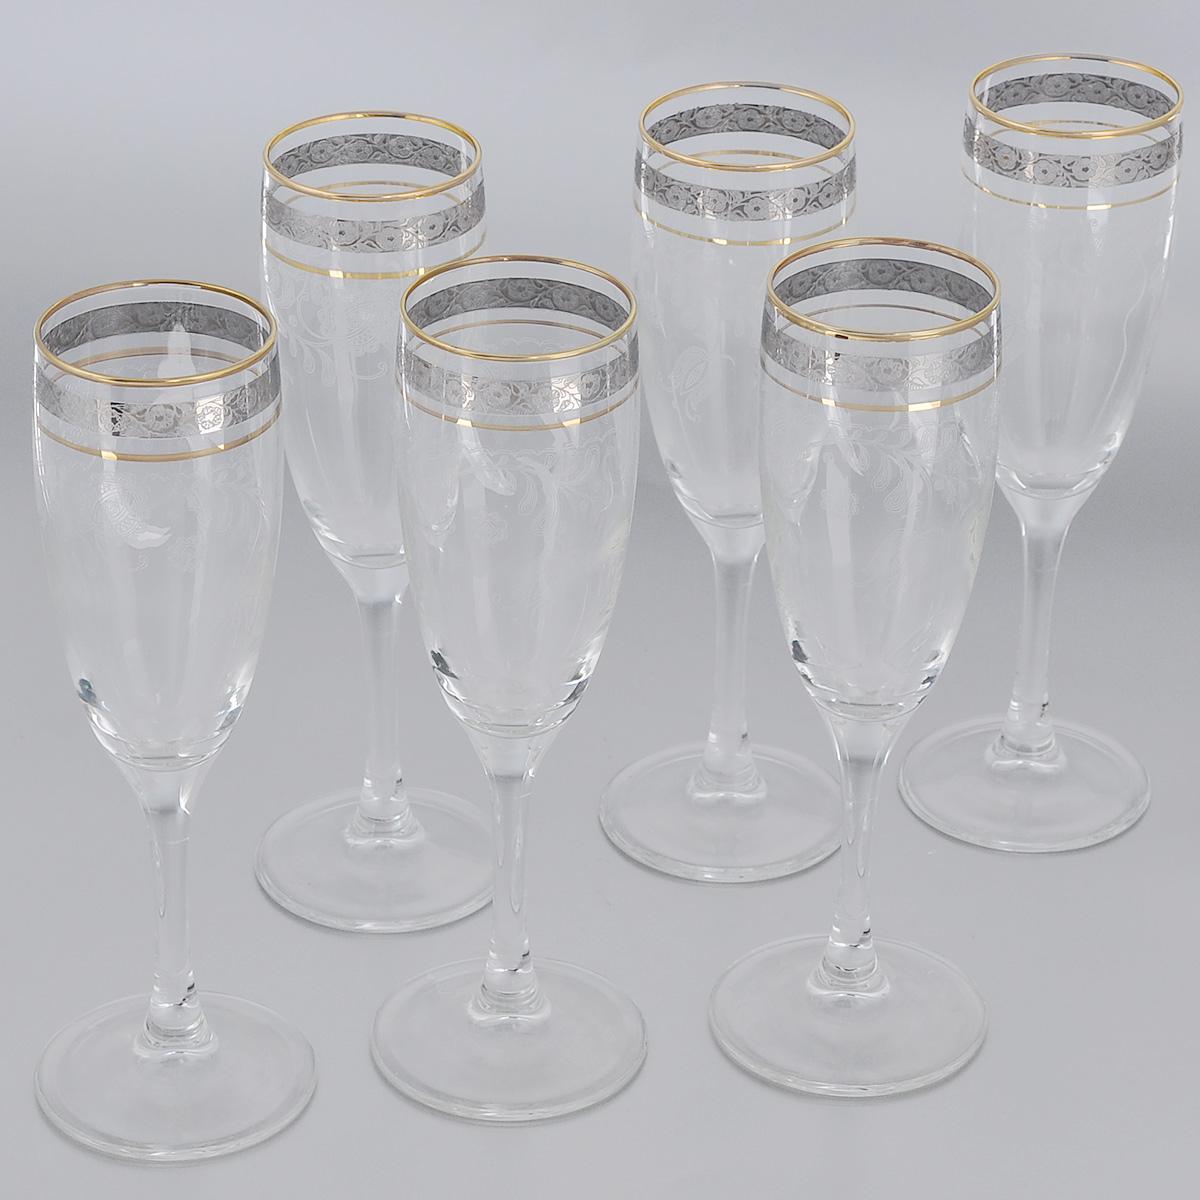 Набор бокалов Гусь-Хрустальный Нежность, 190 мл, 6 штVT-1520(SR)Набор Гусь-Хрустальный Нежность состоит из 6 бокалов на длинных тонких ножках, изготовленных из высококачественного натрий-кальций-силикатного стекла. Изделия оформлены красивым зеркальным покрытием и прозрачным орнаментом. Бокалы предназначены для шампанского или вина. Такой набор прекрасно дополнит праздничный стол и станет желанным подарком в любом доме. Разрешается мыть в посудомоечной машине. Диаметр бокала (по верхнему краю): 5 см. Высота бокала: 18,5 см.